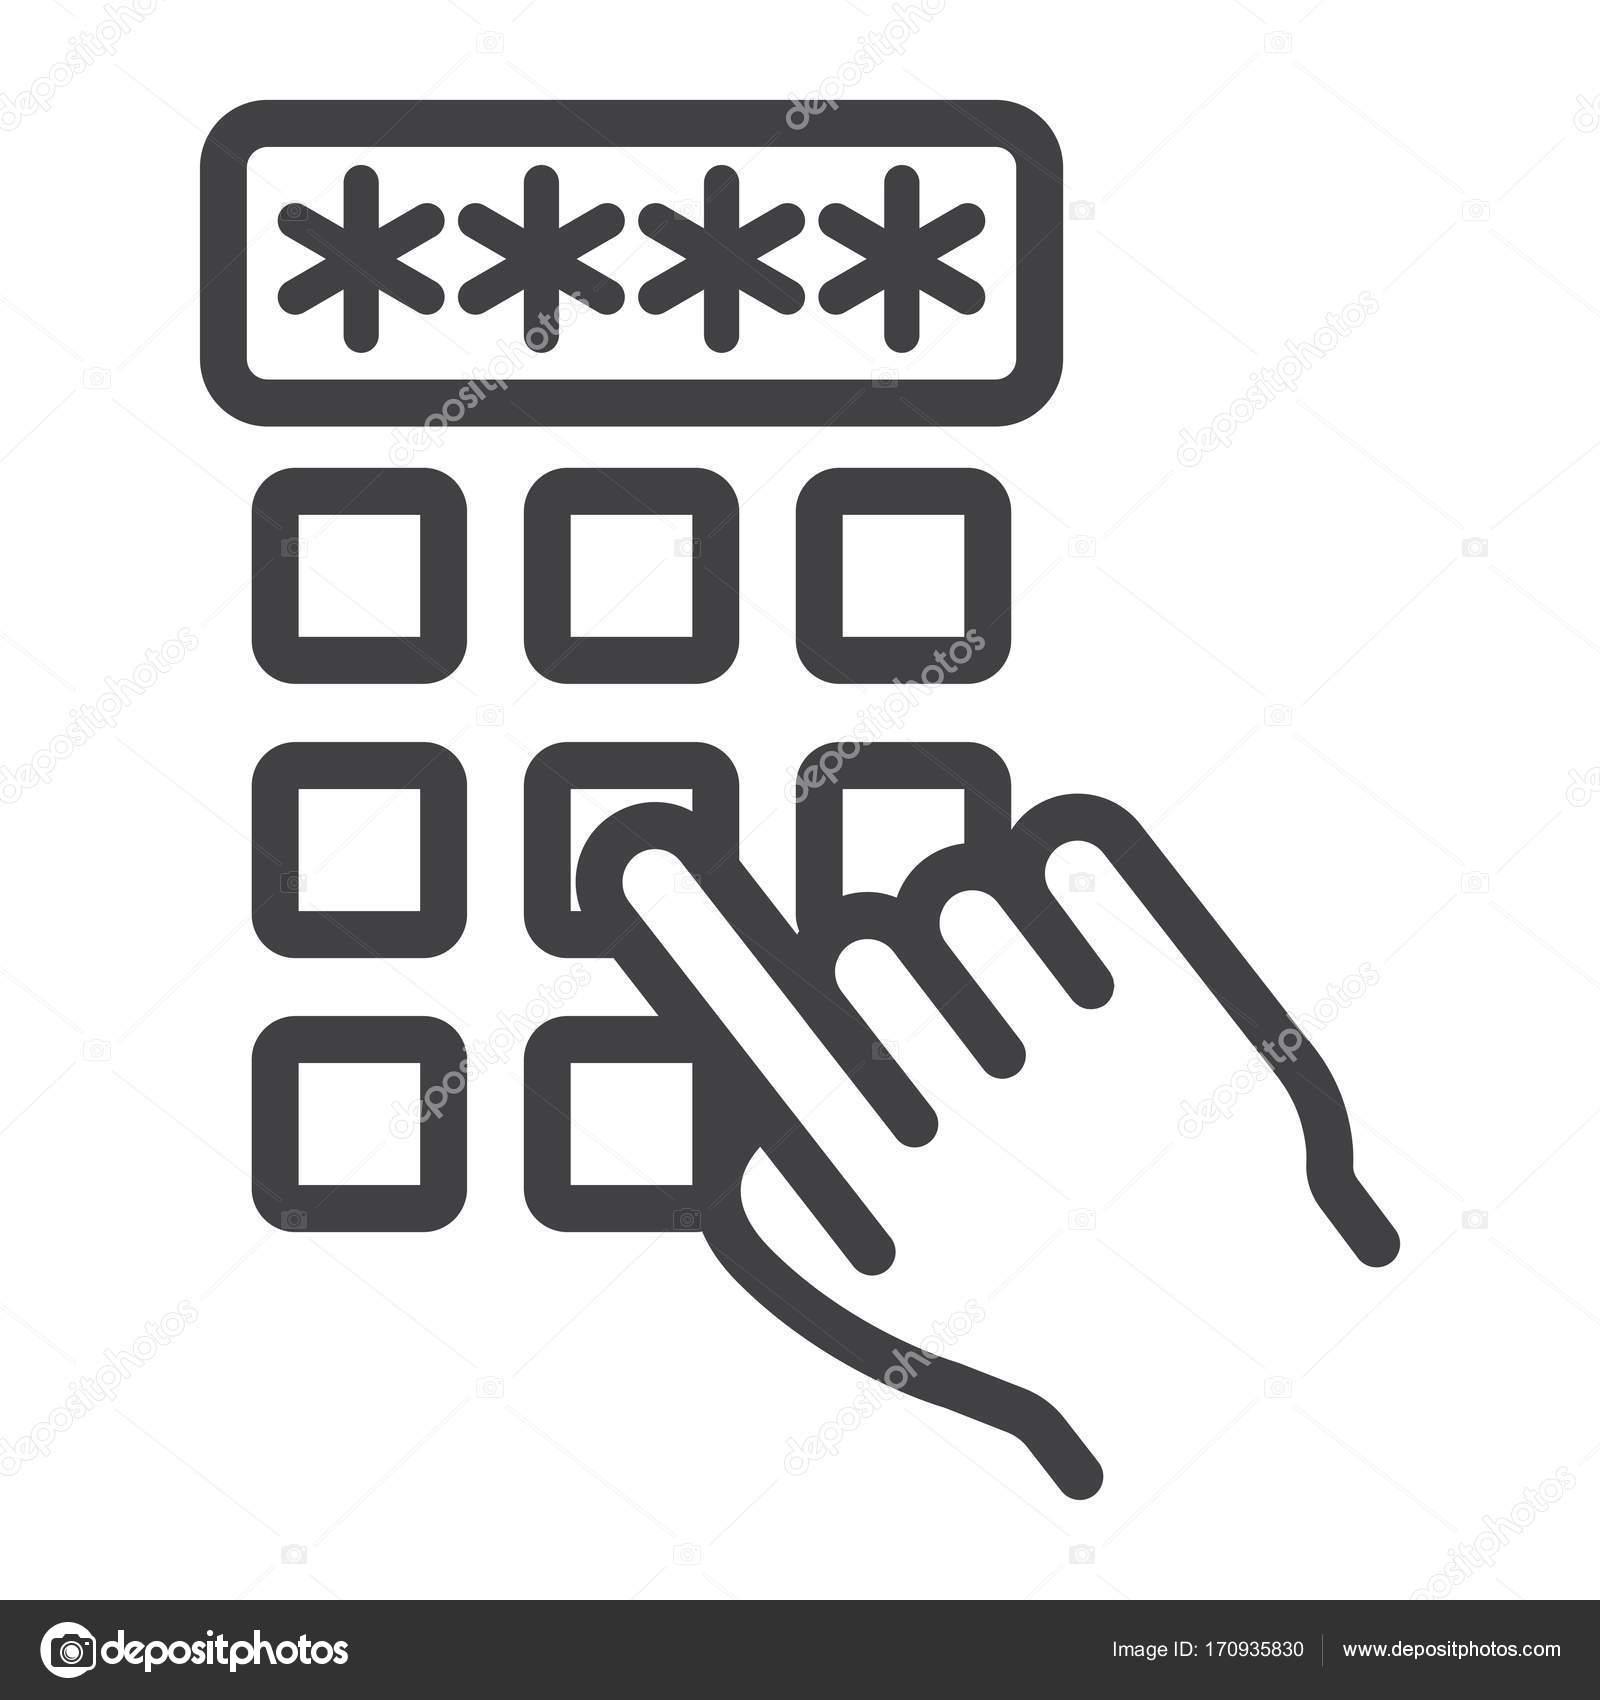 e8fc8f648a174 Entrando em ícone de linha de código pin de dedo da mão, desbloquear — Vetor